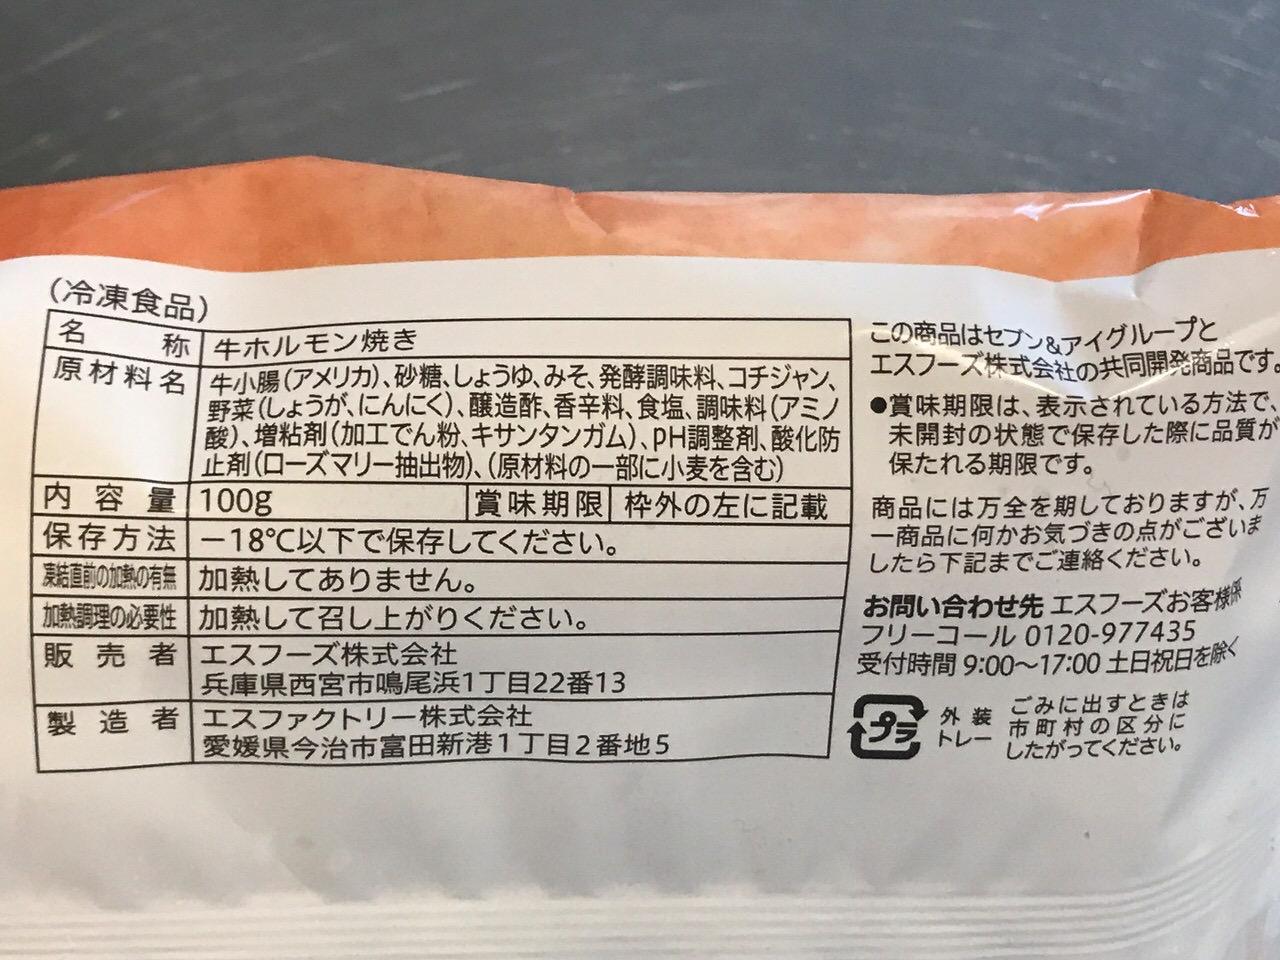 セブンイレブン 冷凍食品「牛ホルモン焼き」07